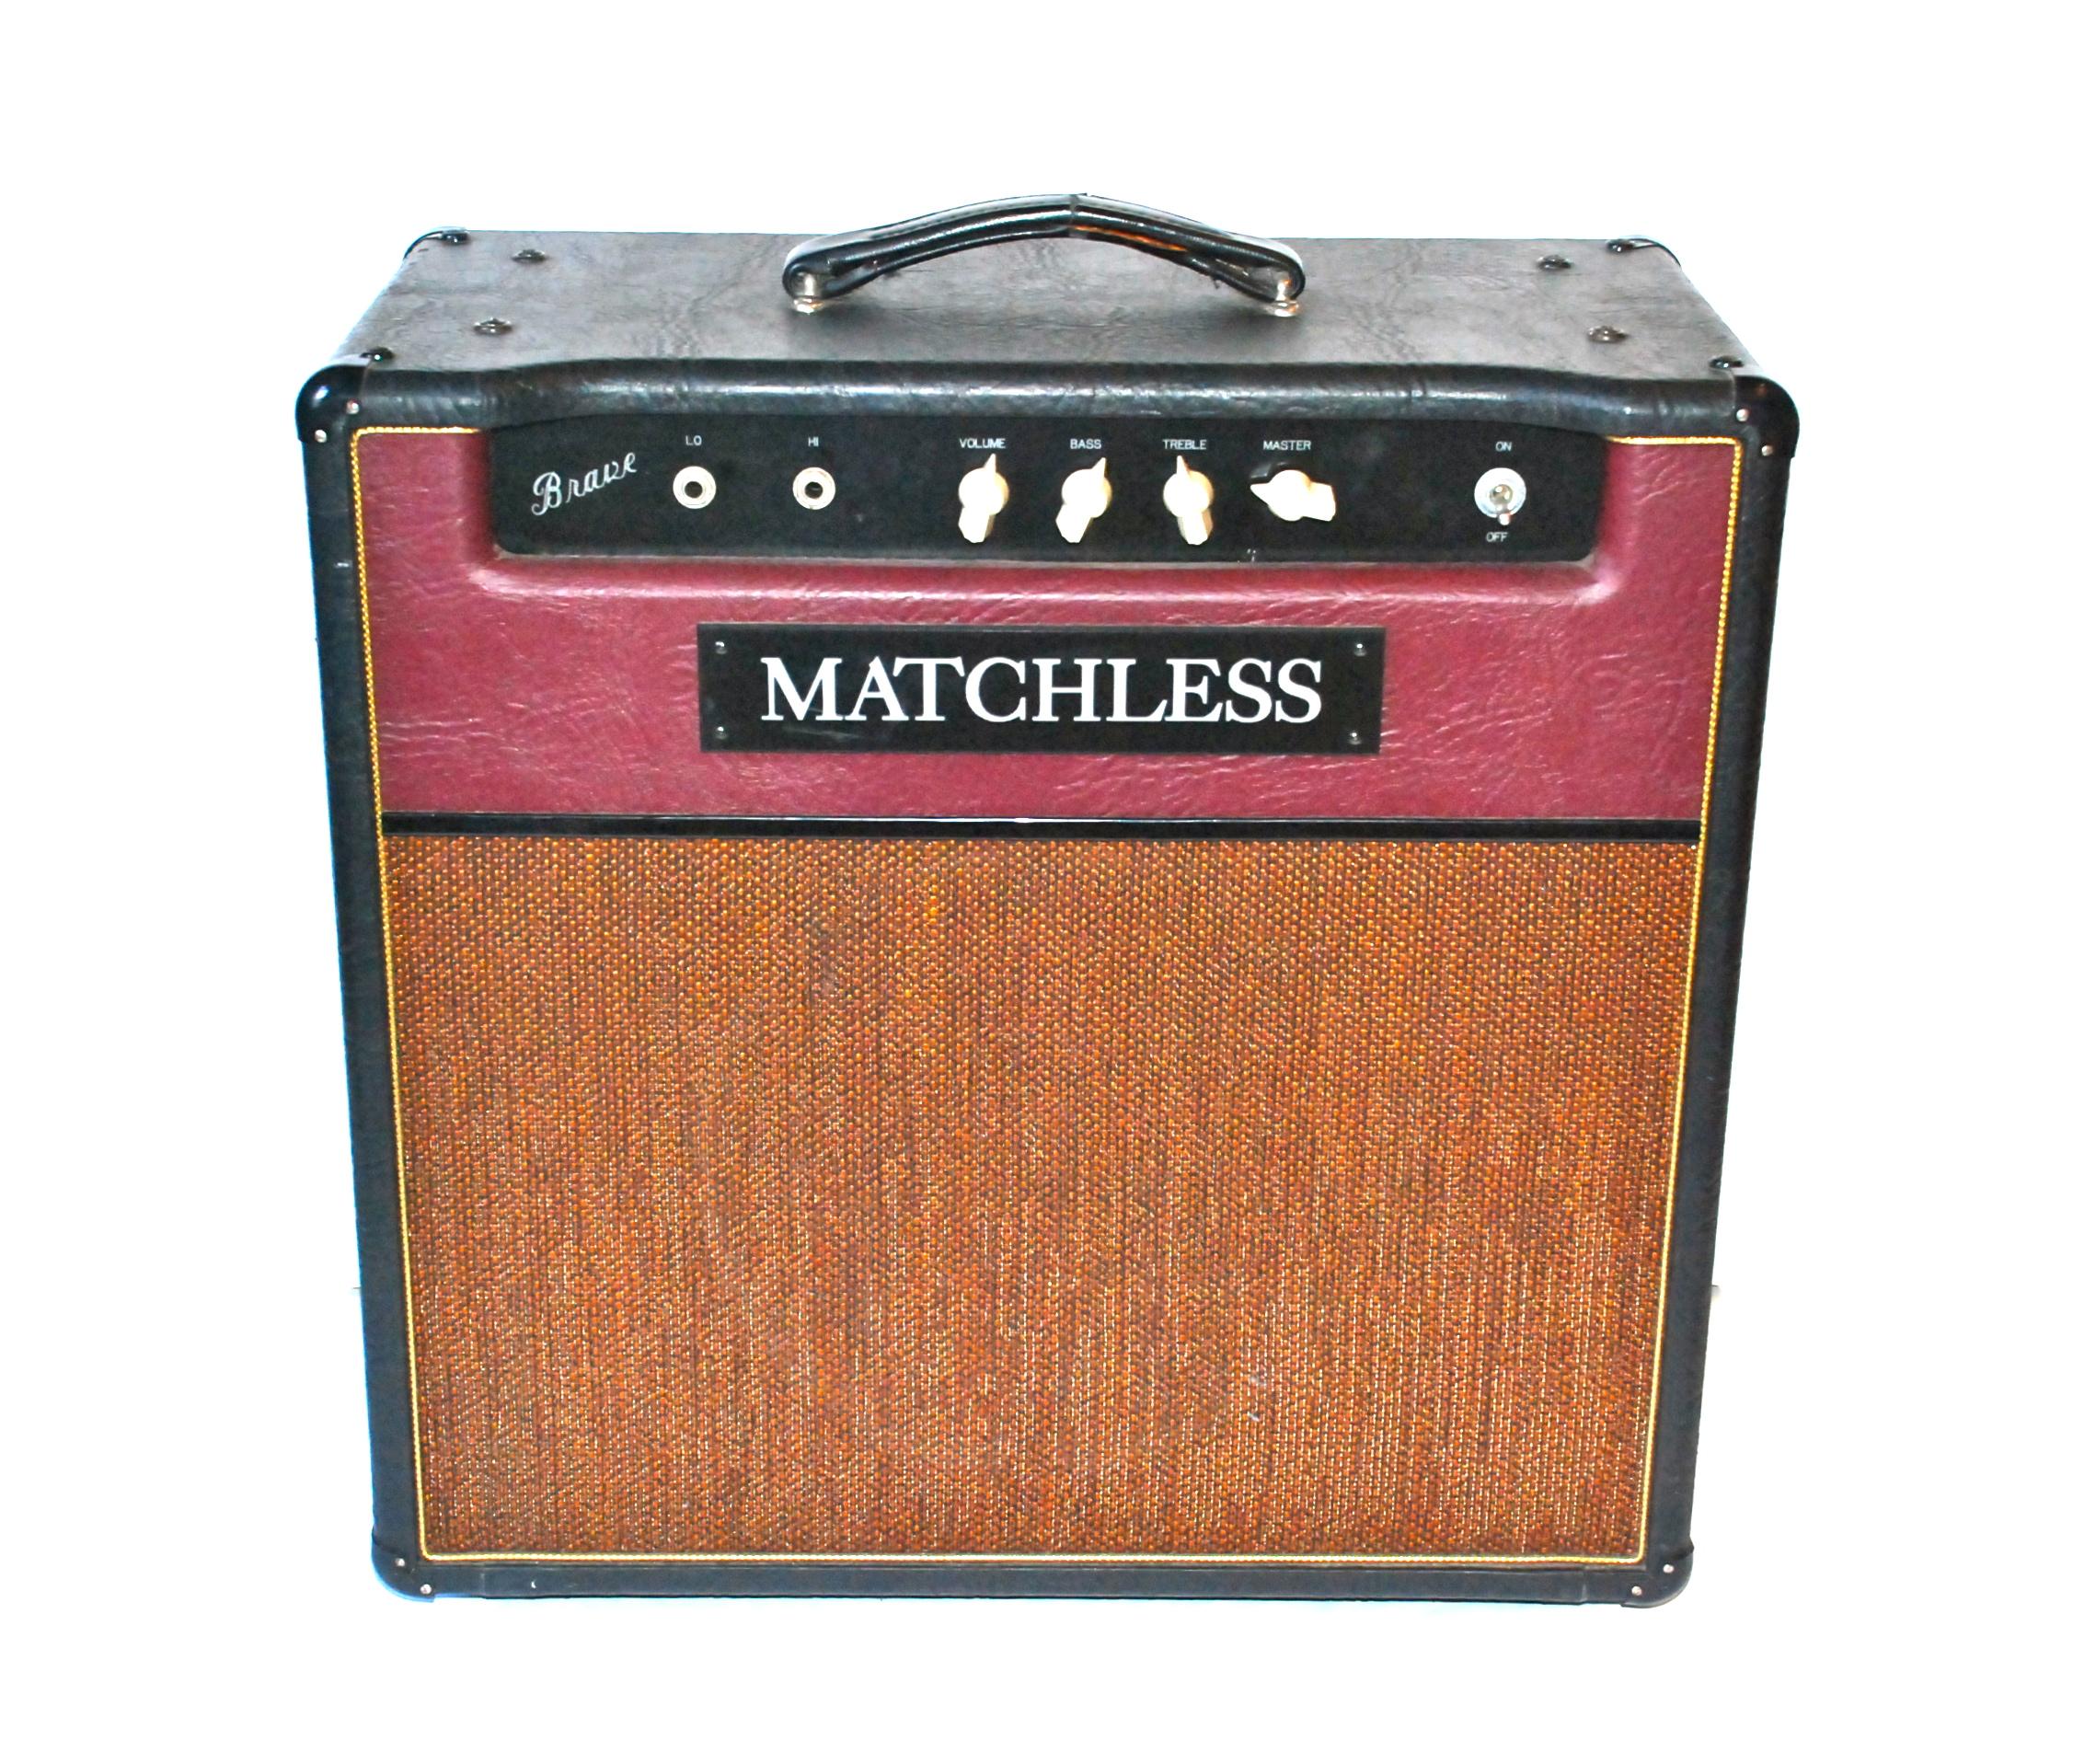 matchless amps brave 1995 amp for sale bass n guitar. Black Bedroom Furniture Sets. Home Design Ideas